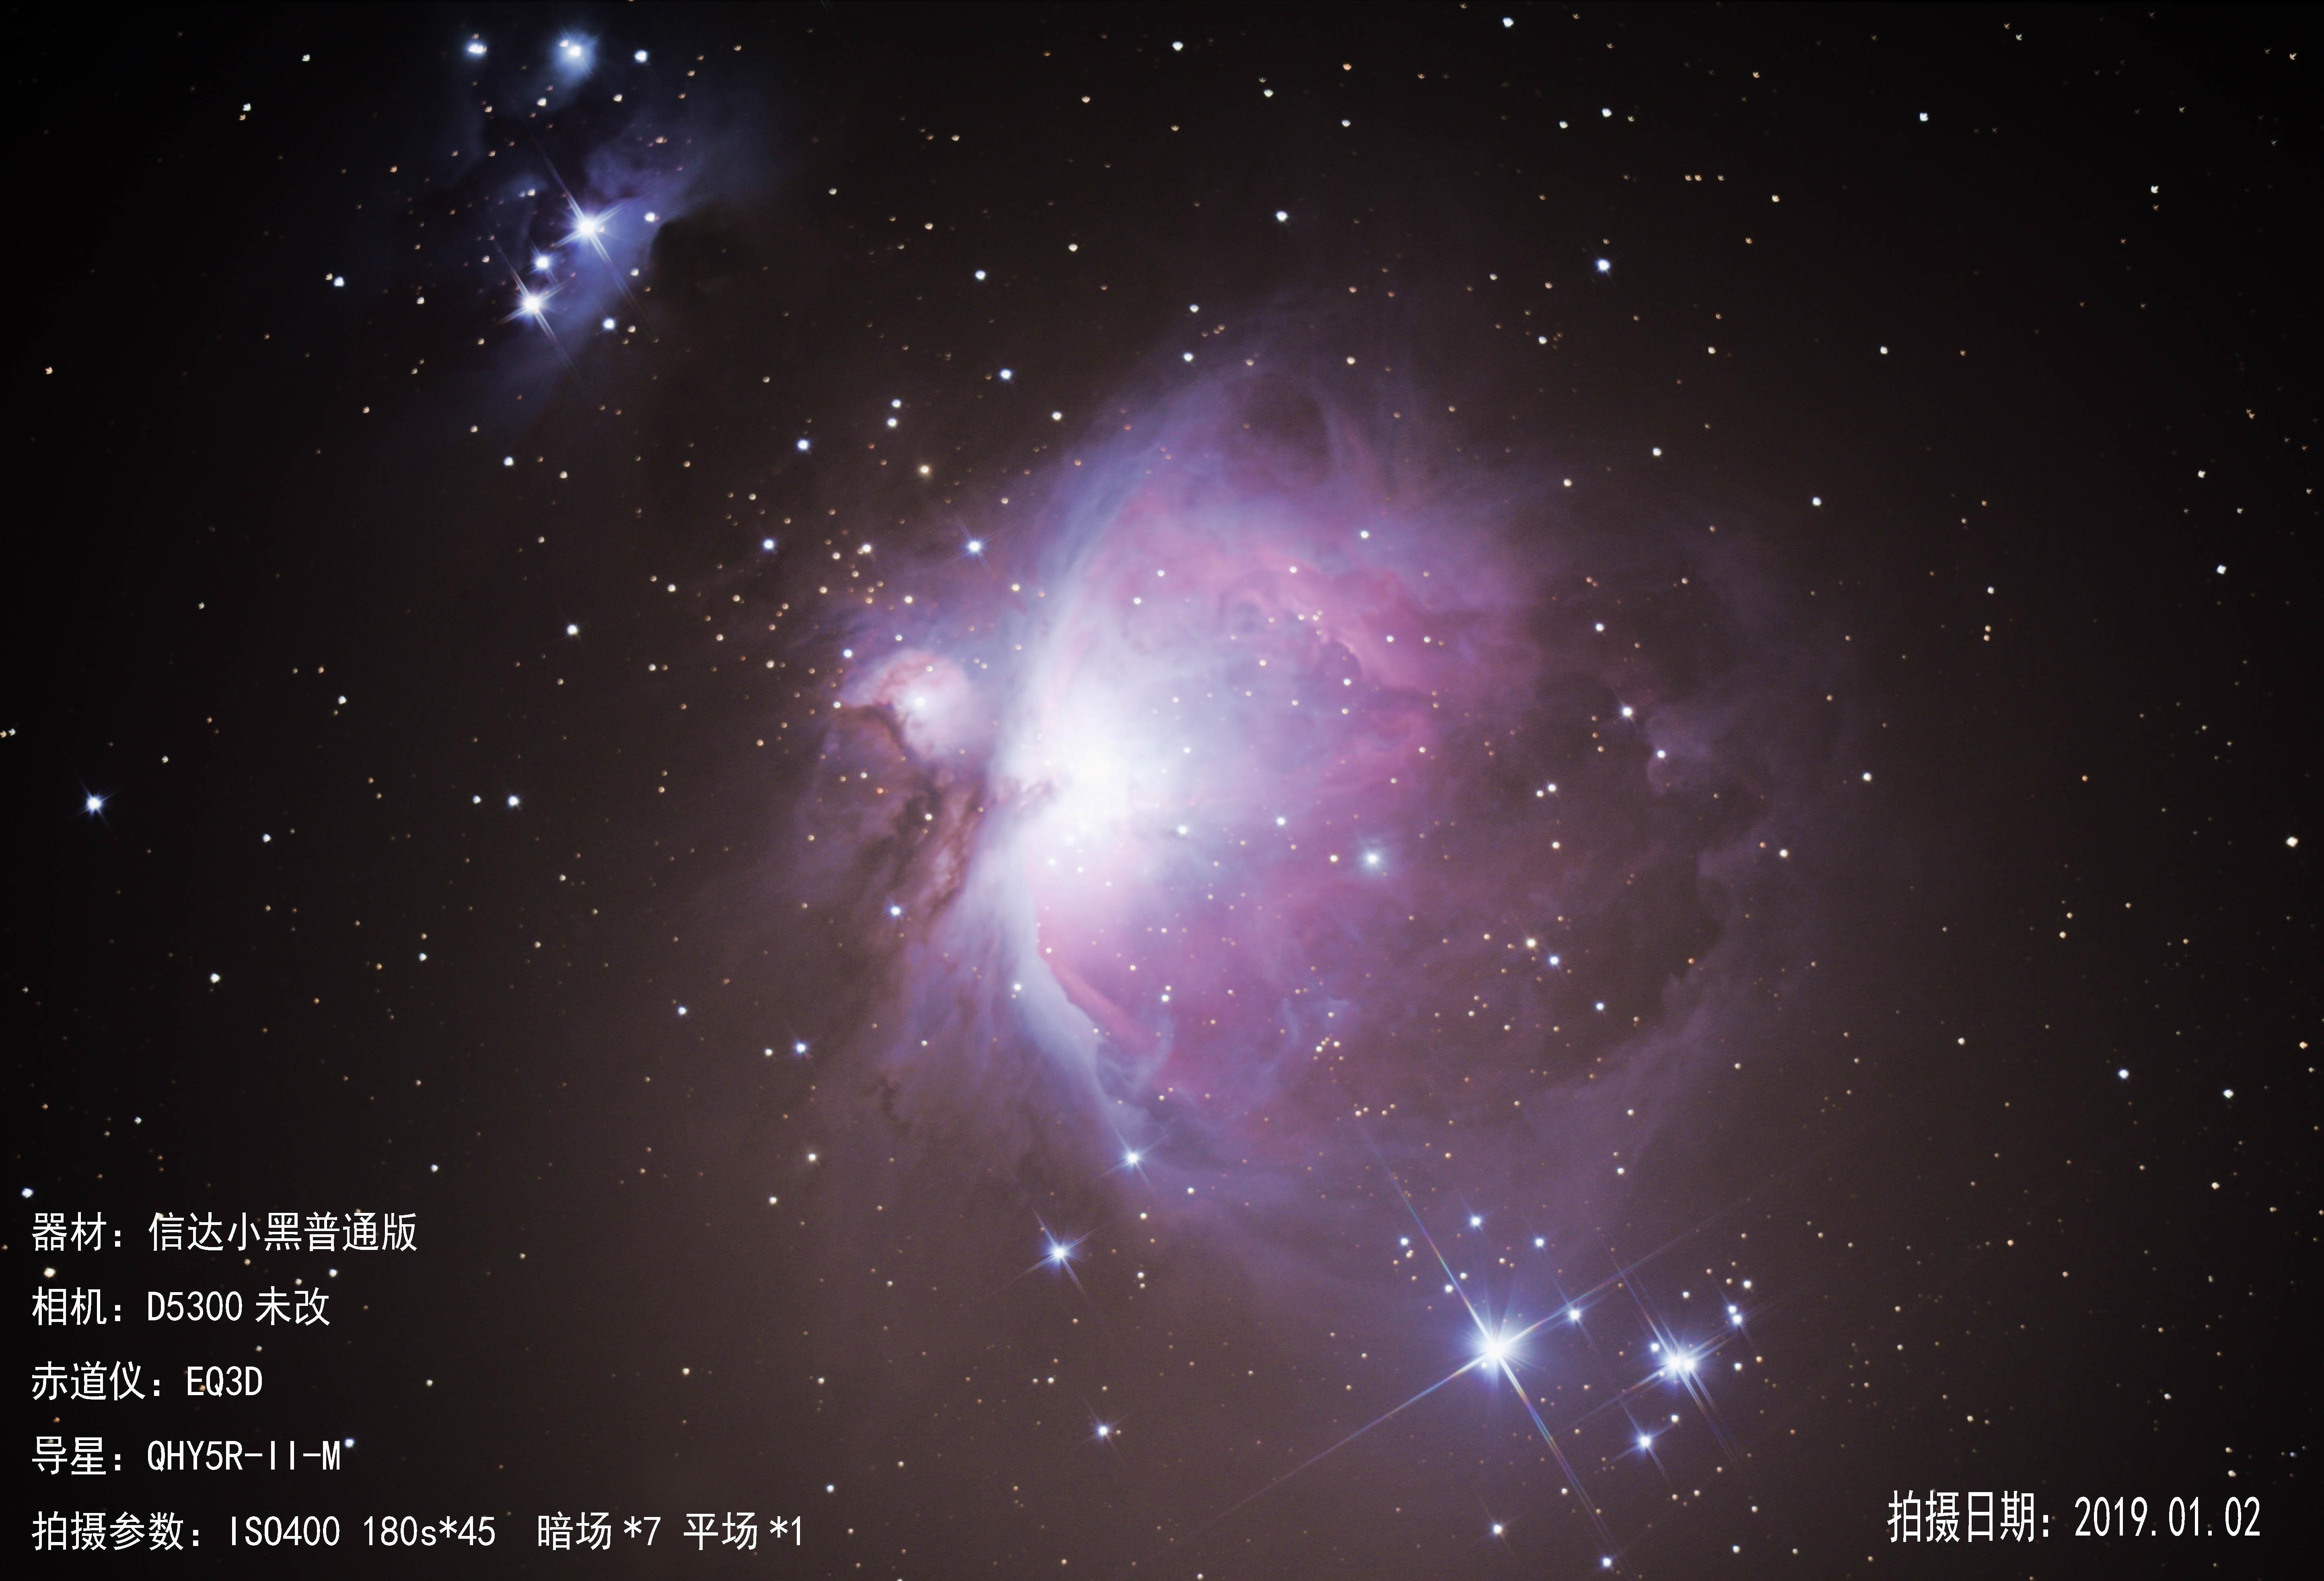 新年首拍M42,一心关注导星曲线,拍摄角度忽略了。